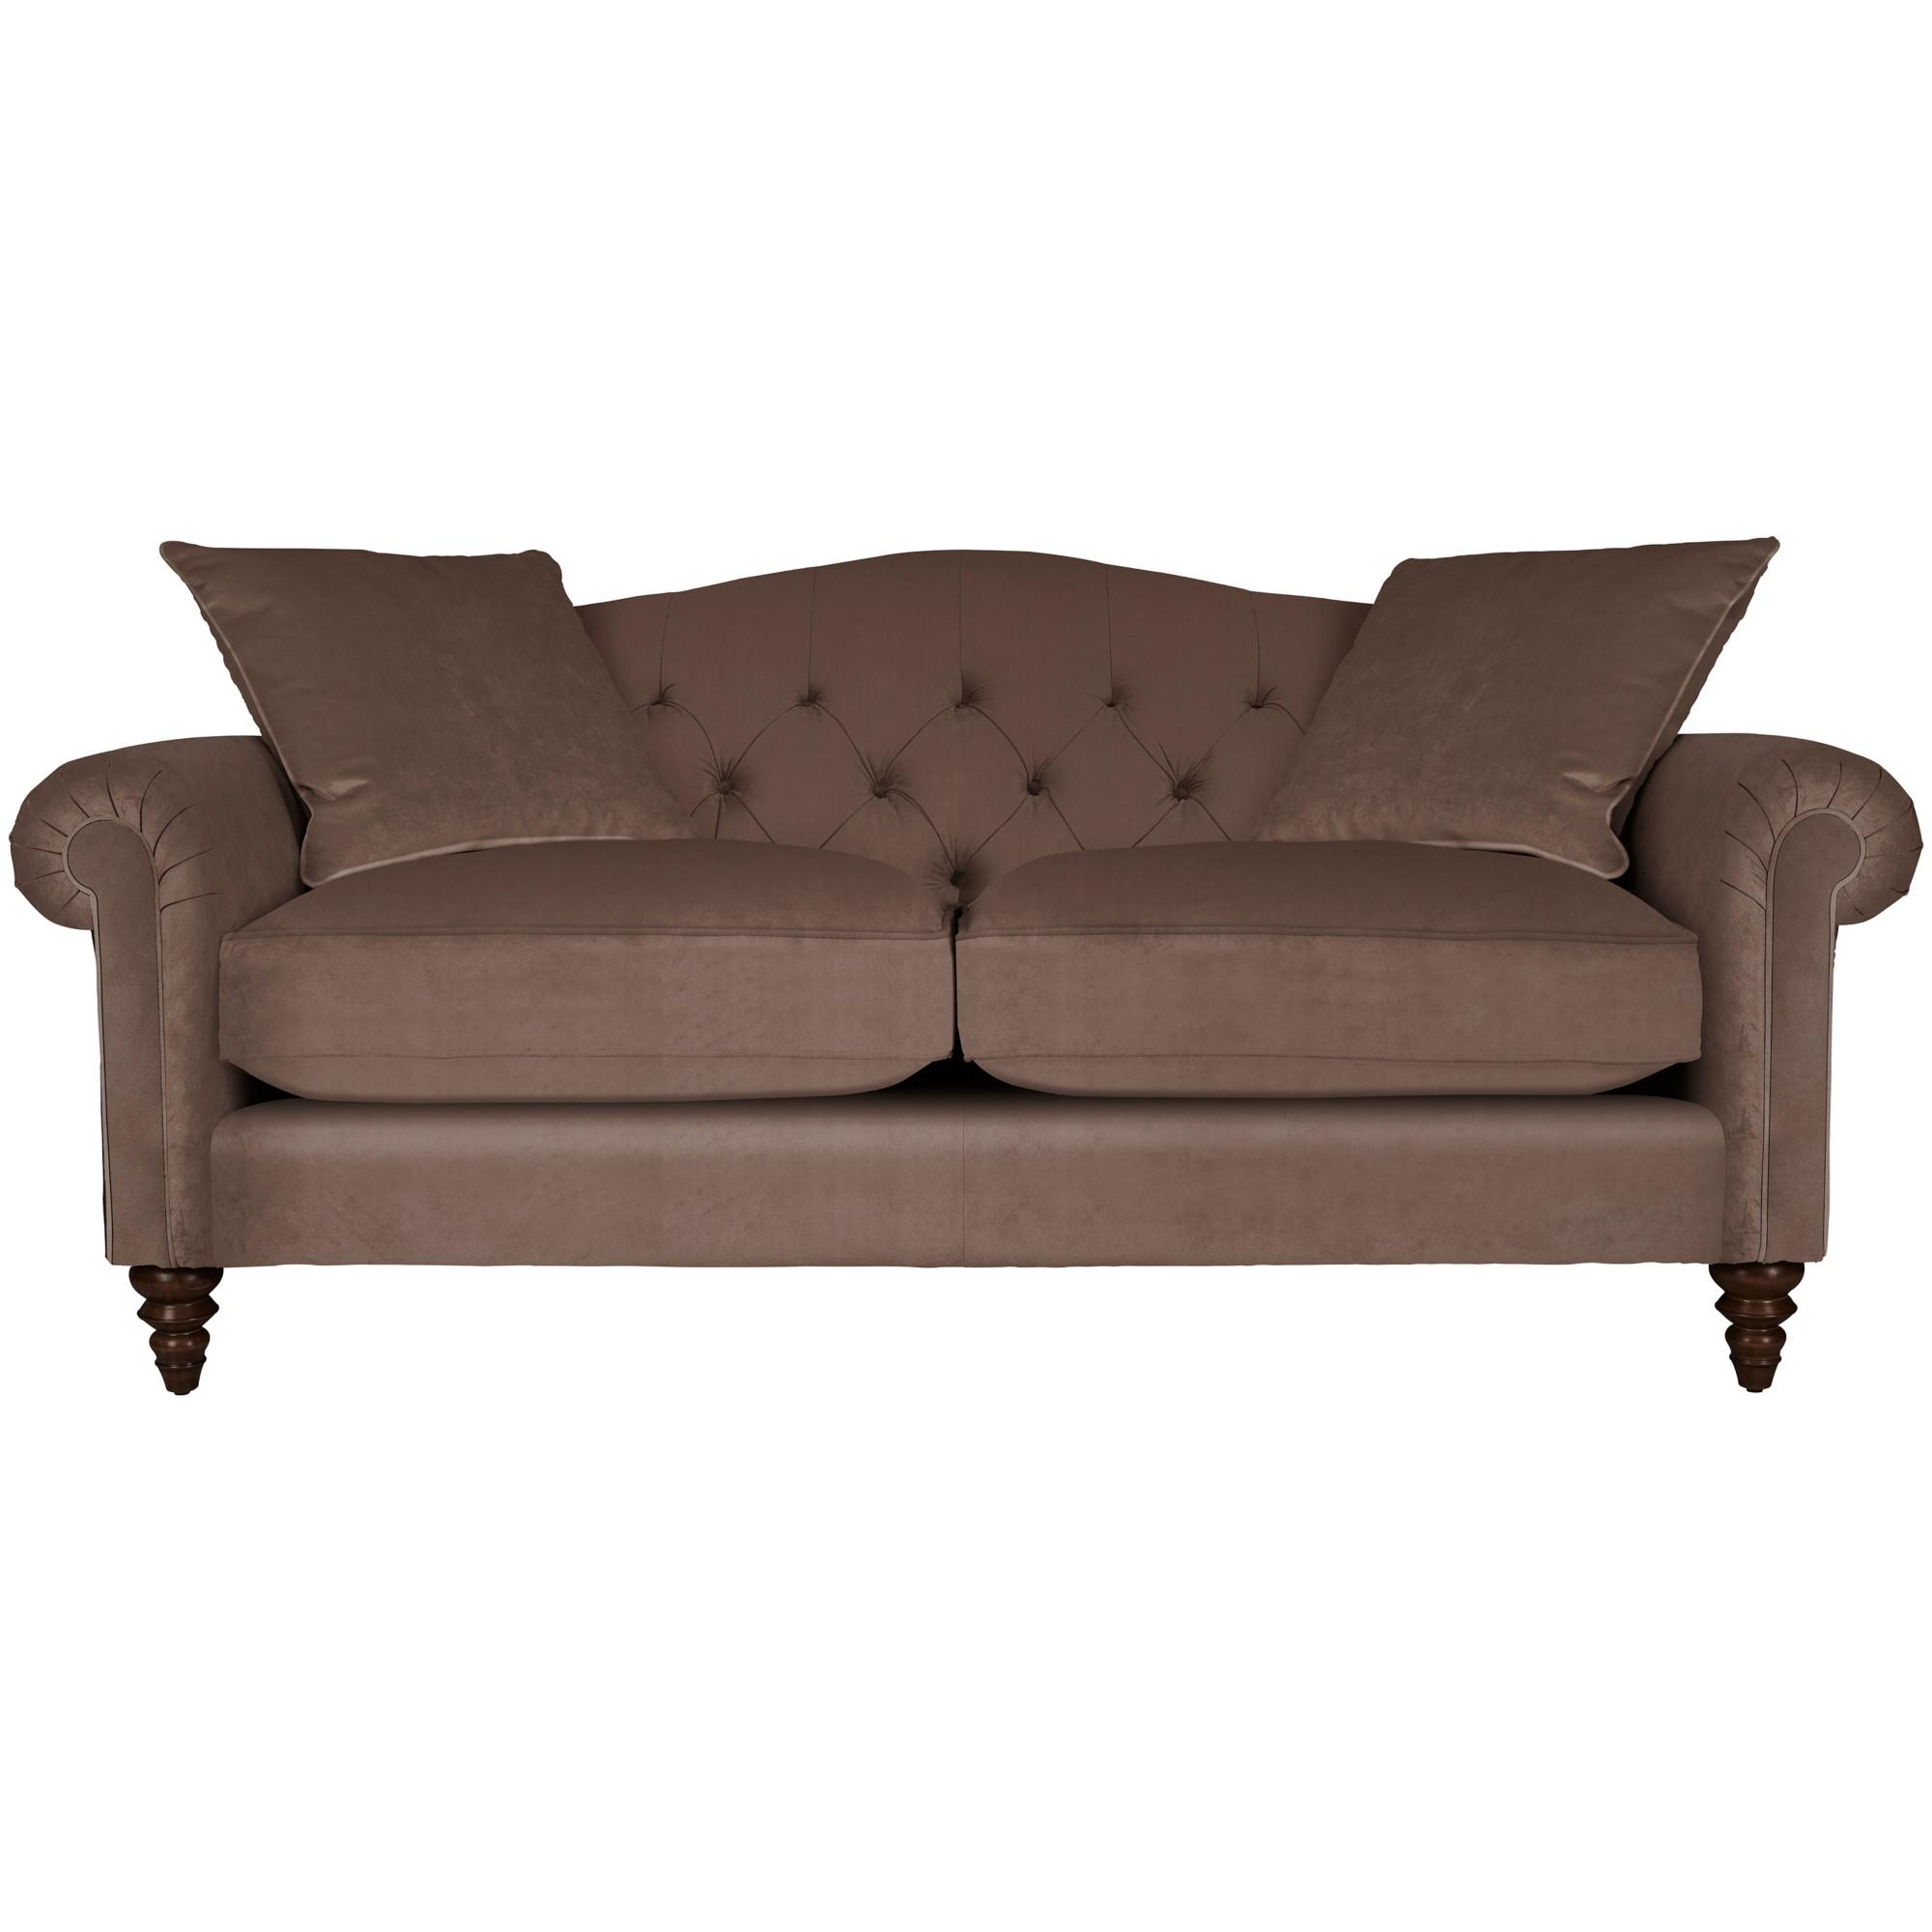 Parker Knoll Eaton Square Medium Sofa